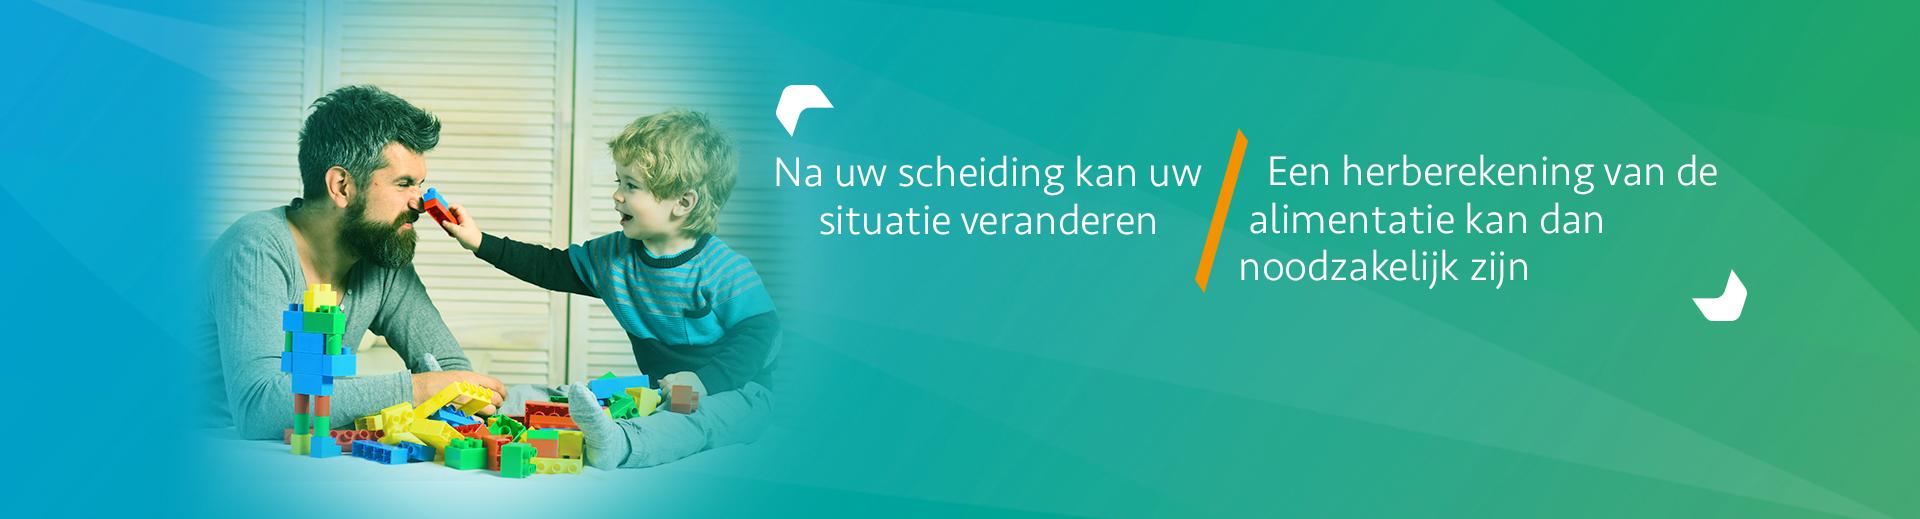 Alimentatie herberekenen - - Scheidingsplanner Almelo - Deventer - Nijverdal